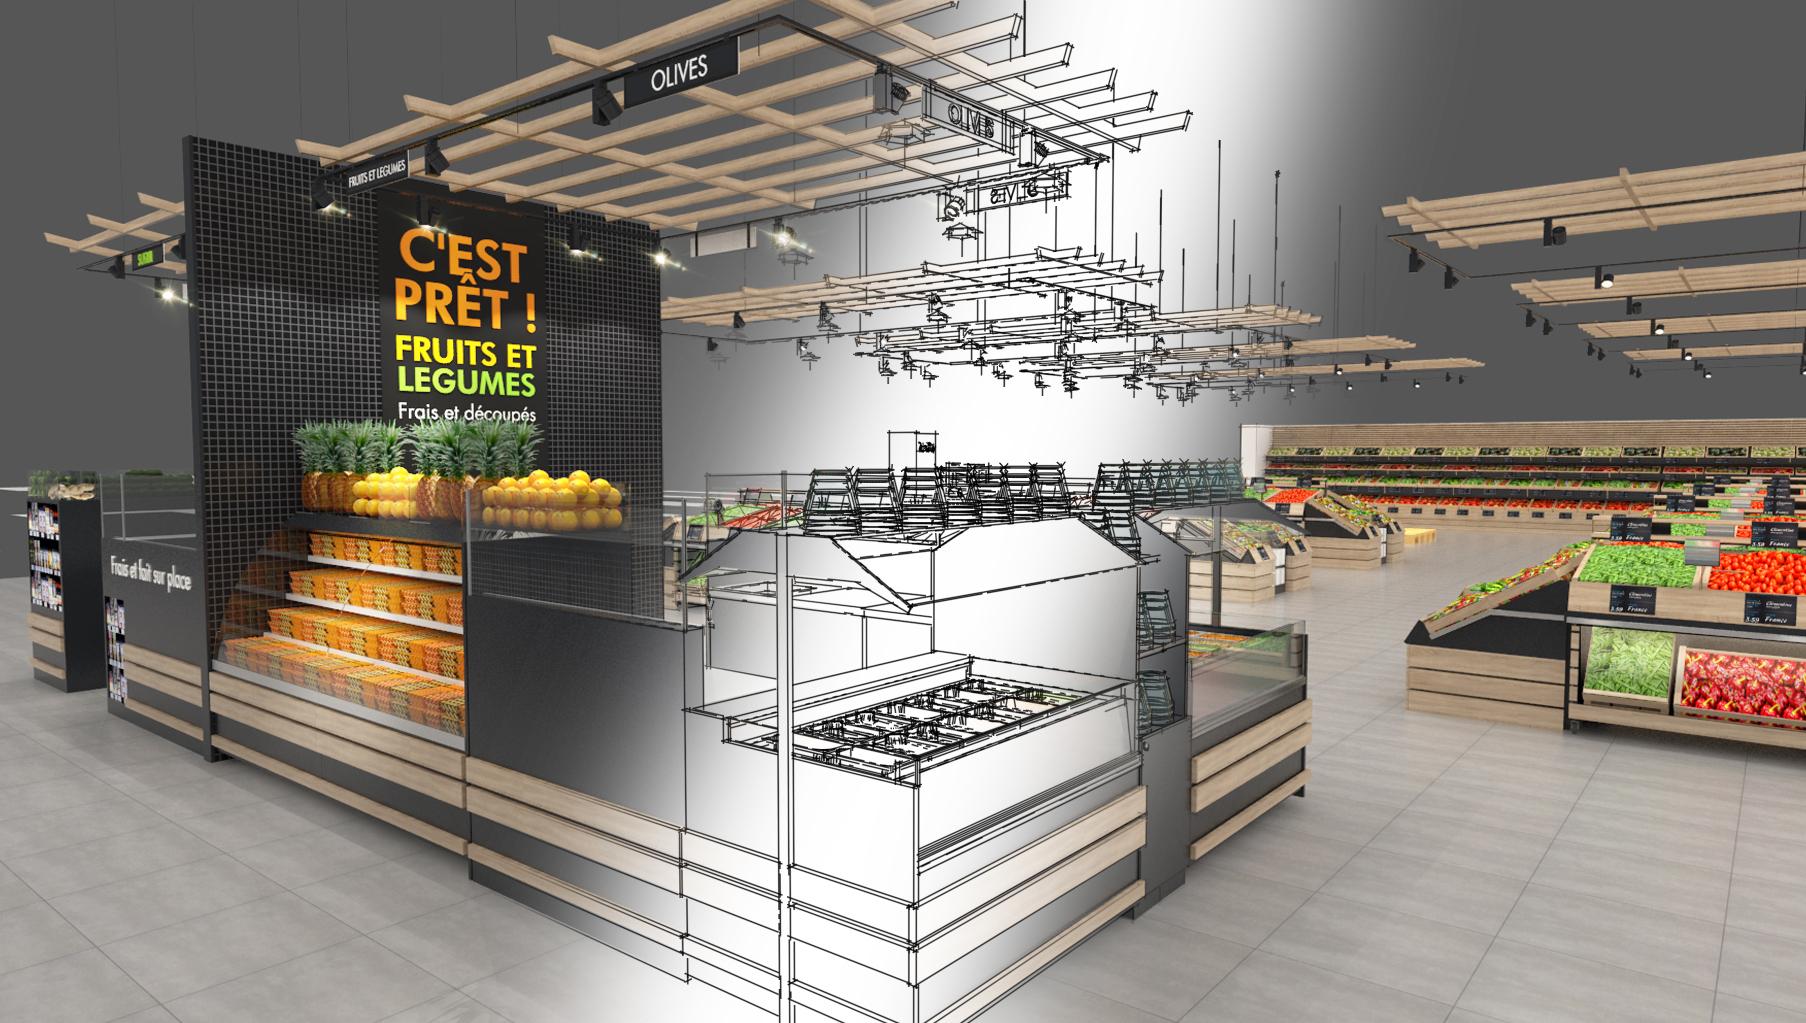 Etude d'un aménagement pour un espace de vente de fruits et légume pour une GSA